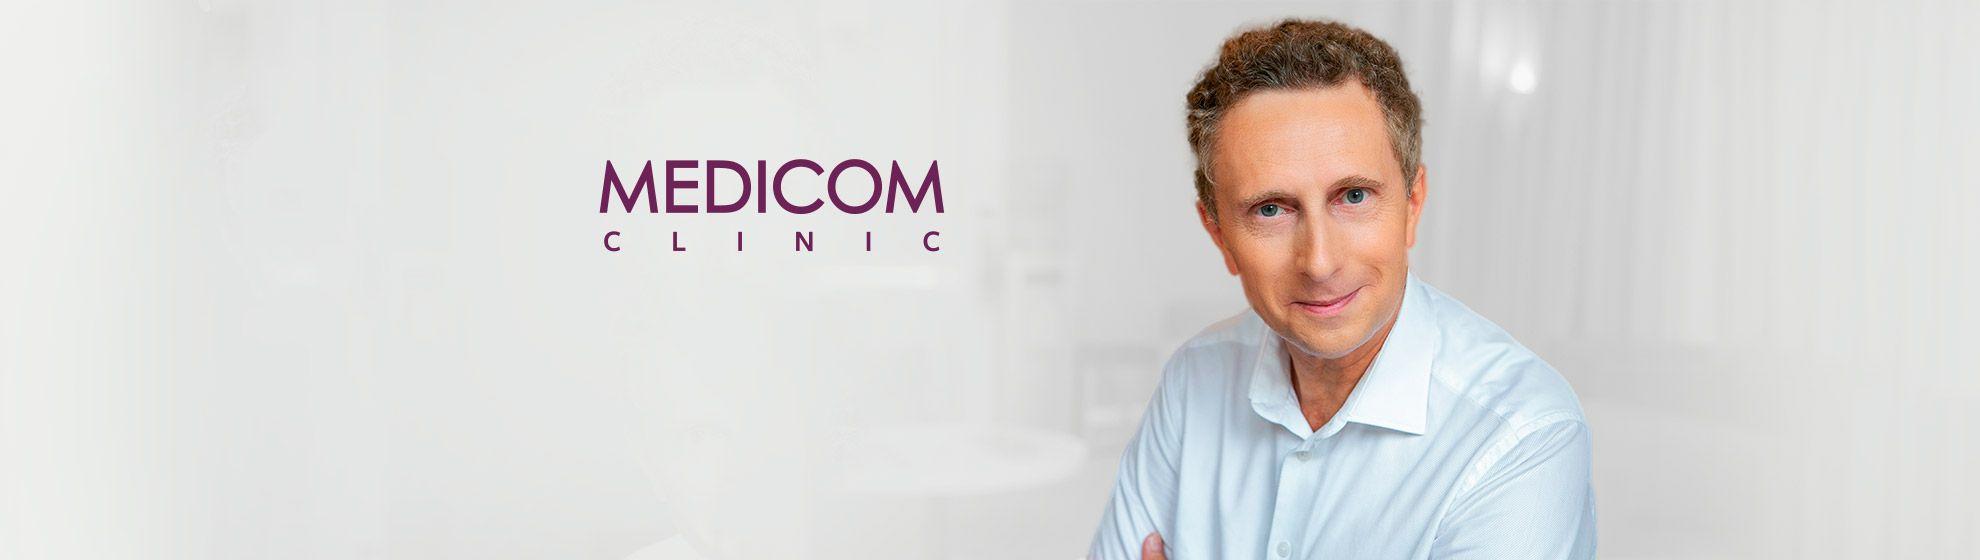 MUDr. Michal Puls CSc. - MEDICOM Clinic